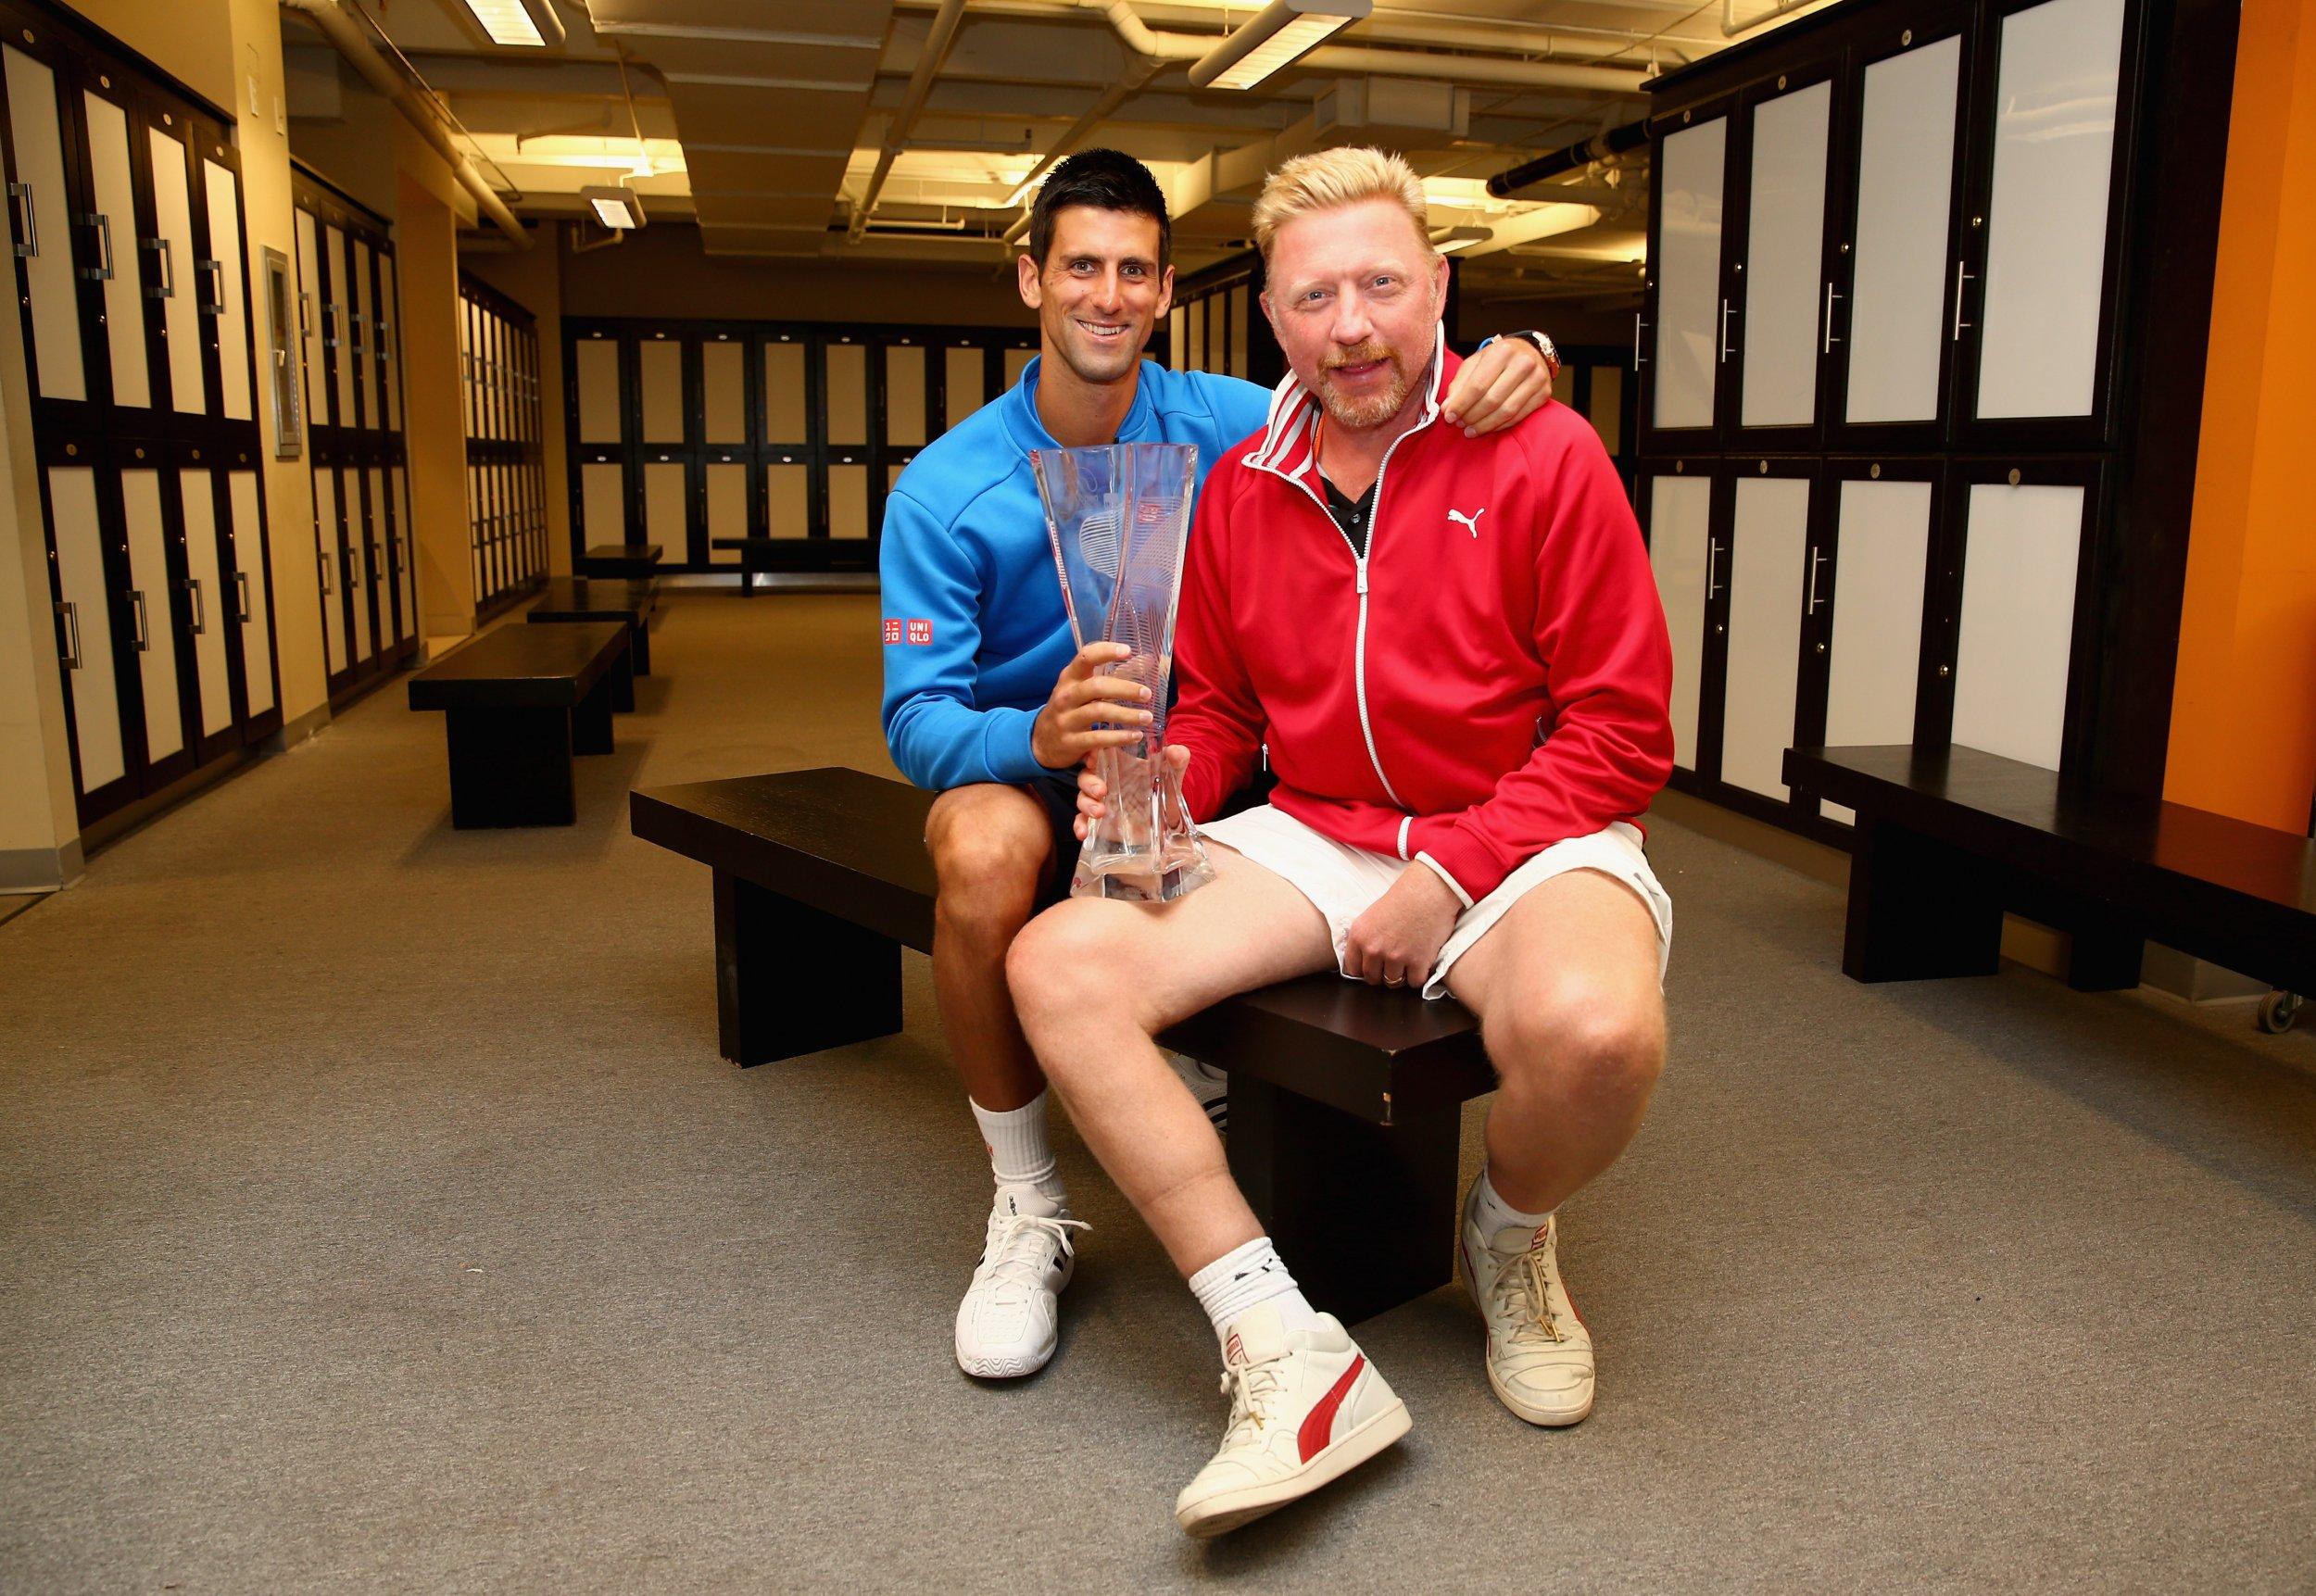 Novak Djokovic with his coach Boris Becker, April 5, 2015.